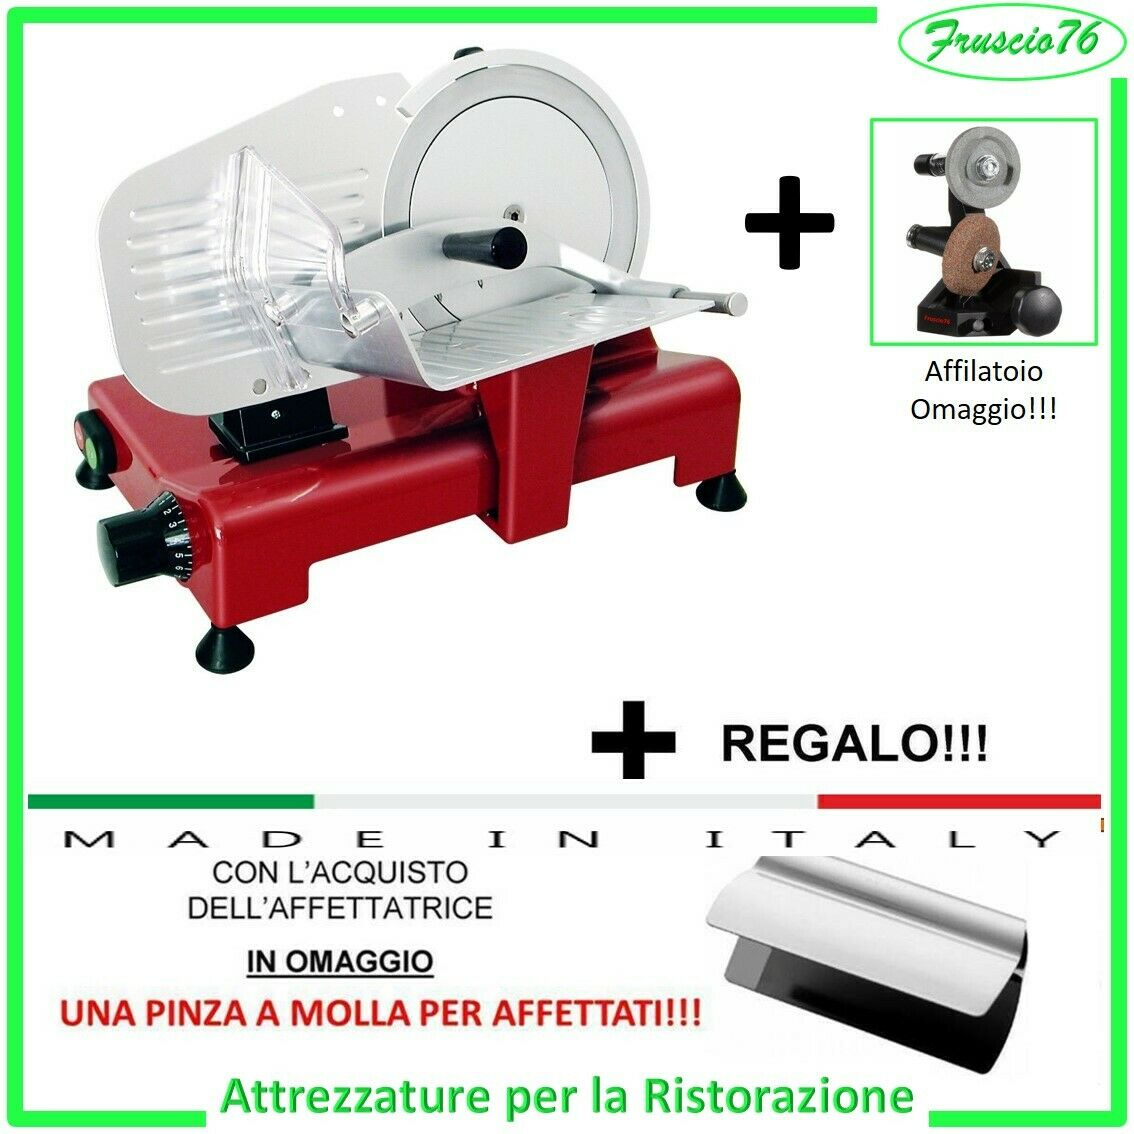 Affettatrice Elettrica Lusso 195 RGV Rossa alluminio da Casa Affilatoio + Pinza